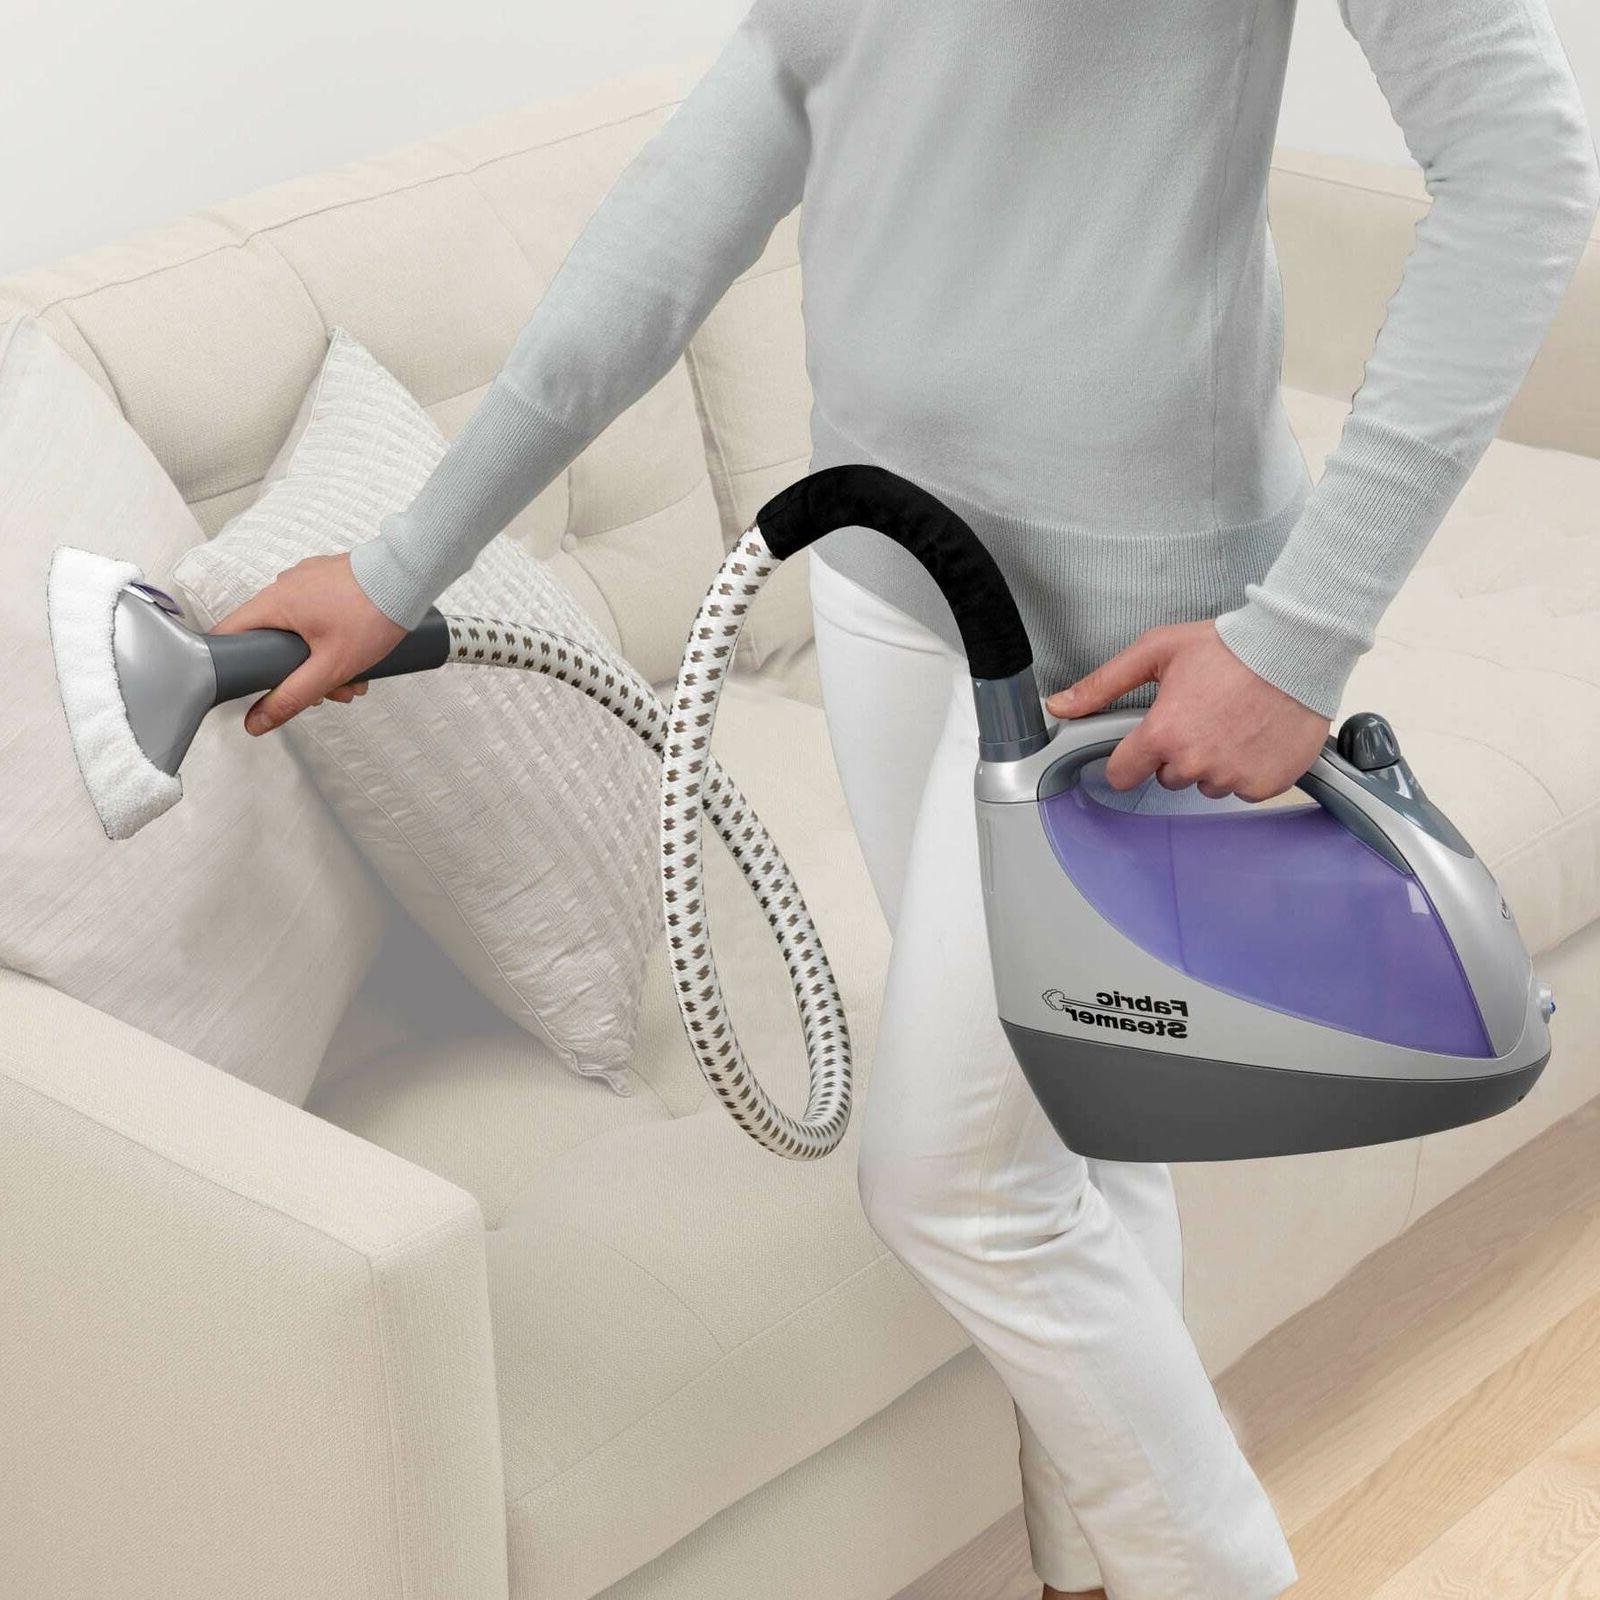 Shark GS300 Professional Garment Steamer